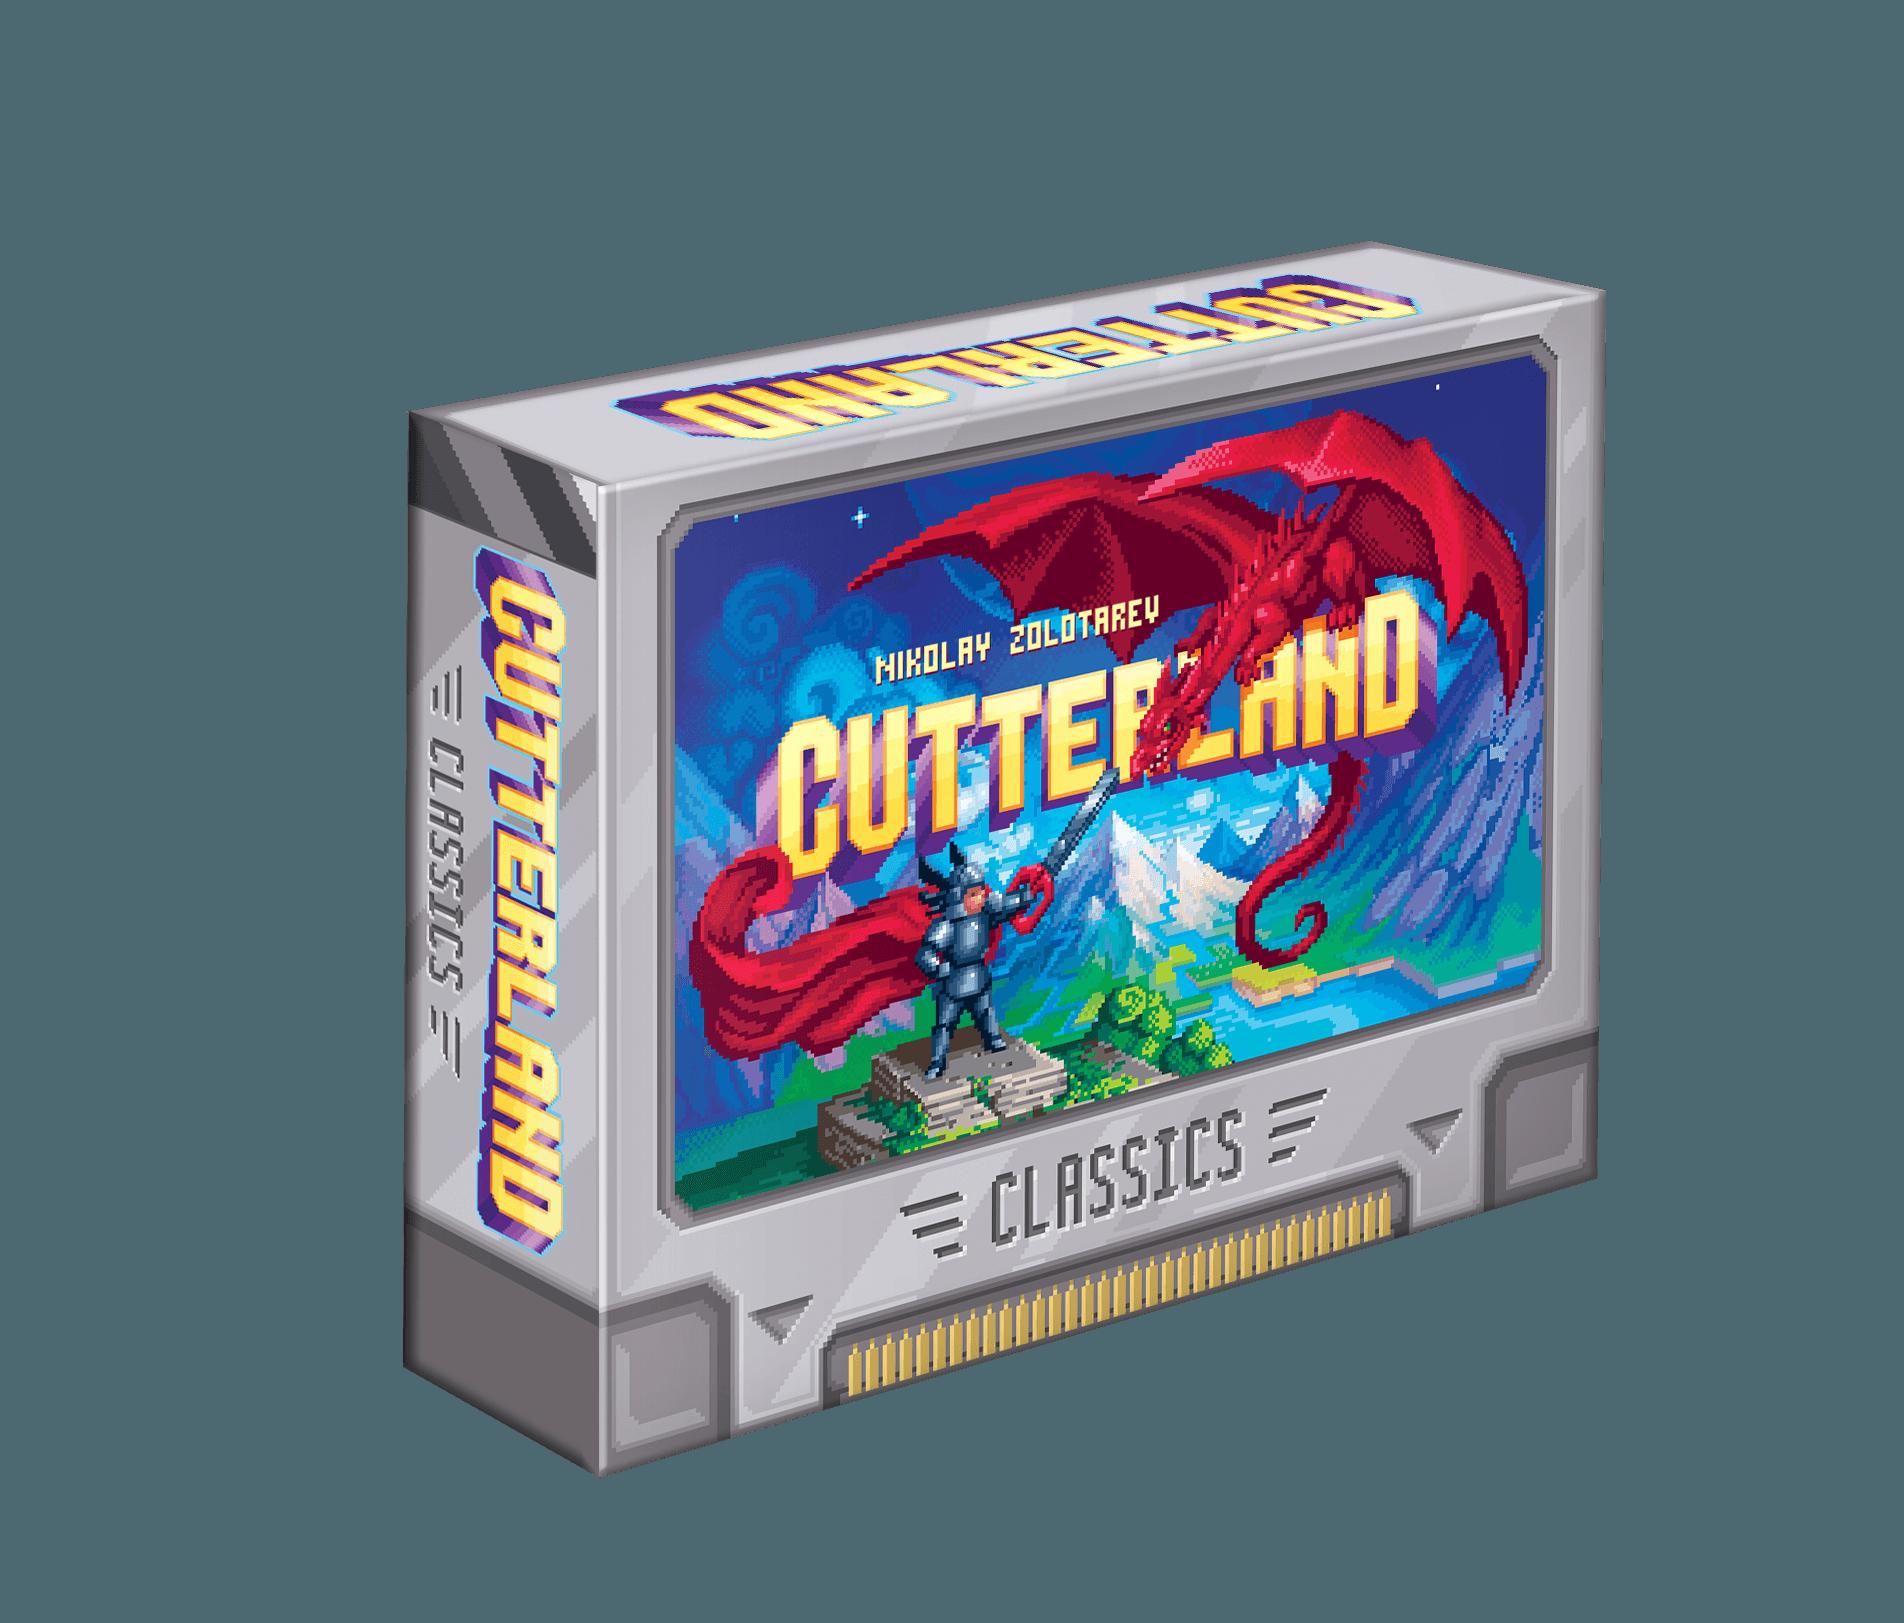 Cutterland: Cartridge Pack – Classics